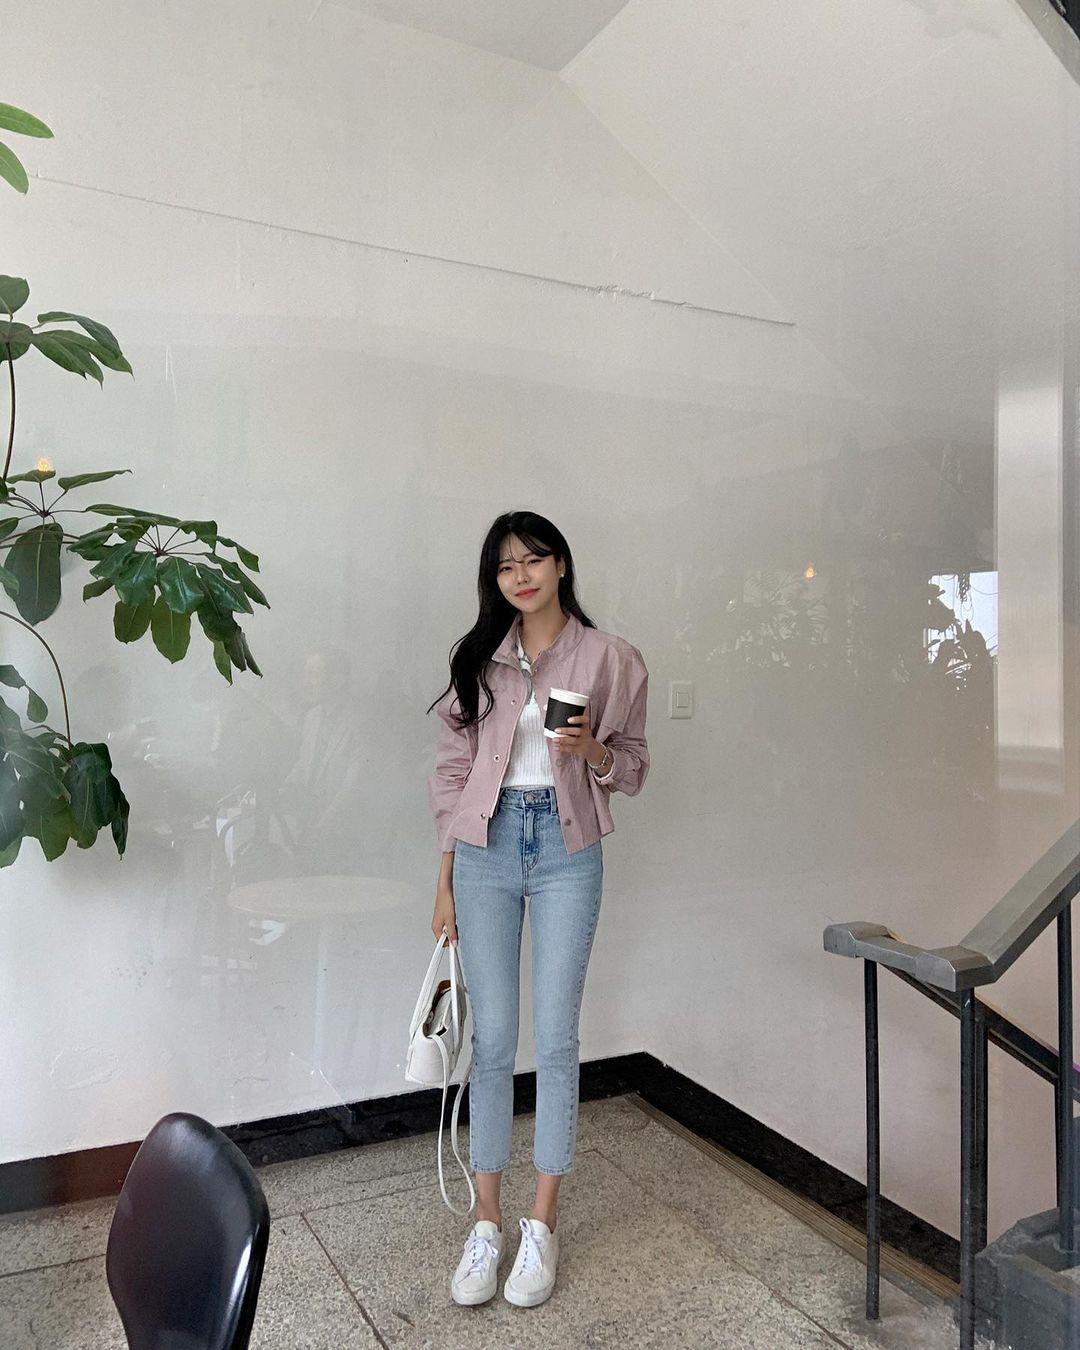 """Học nàng blogger Hàn cách diện jeans """"đỉnh của chóp"""": Vừa hack dáng vừa thanh lịch để đến sở làm - Ảnh 6"""